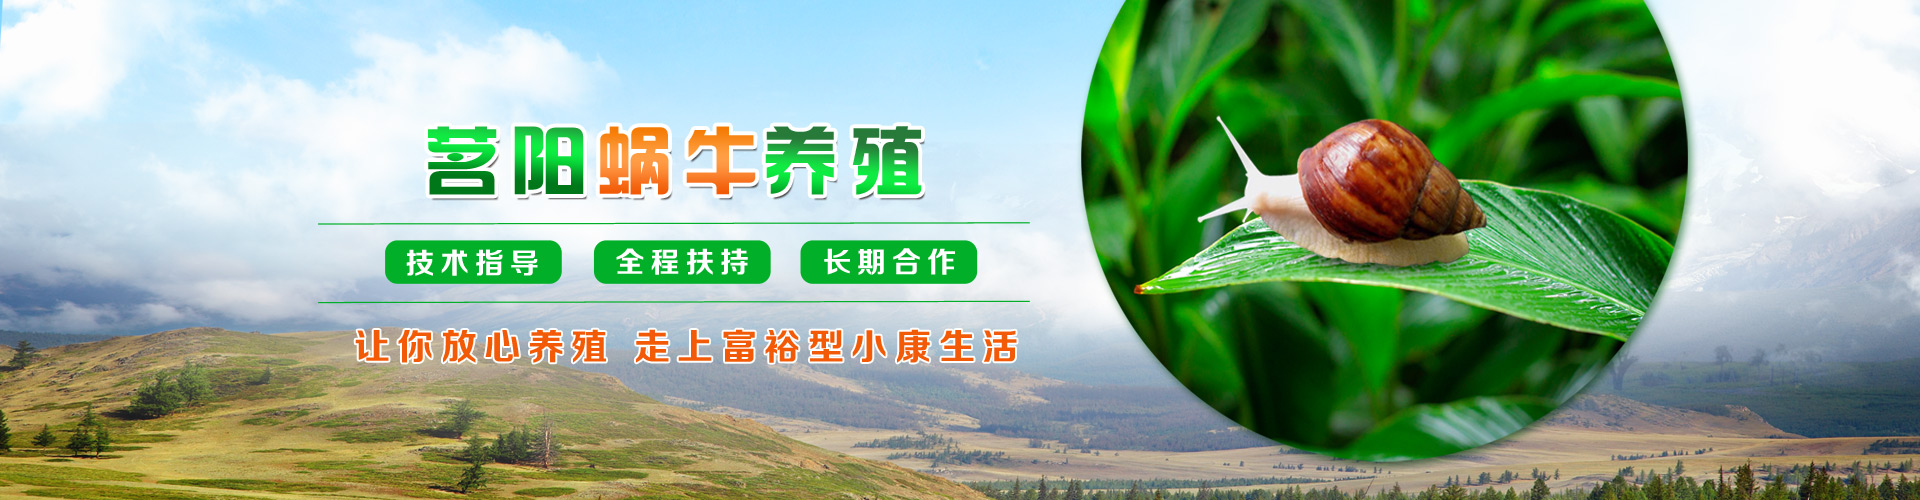 蜗牛banner1